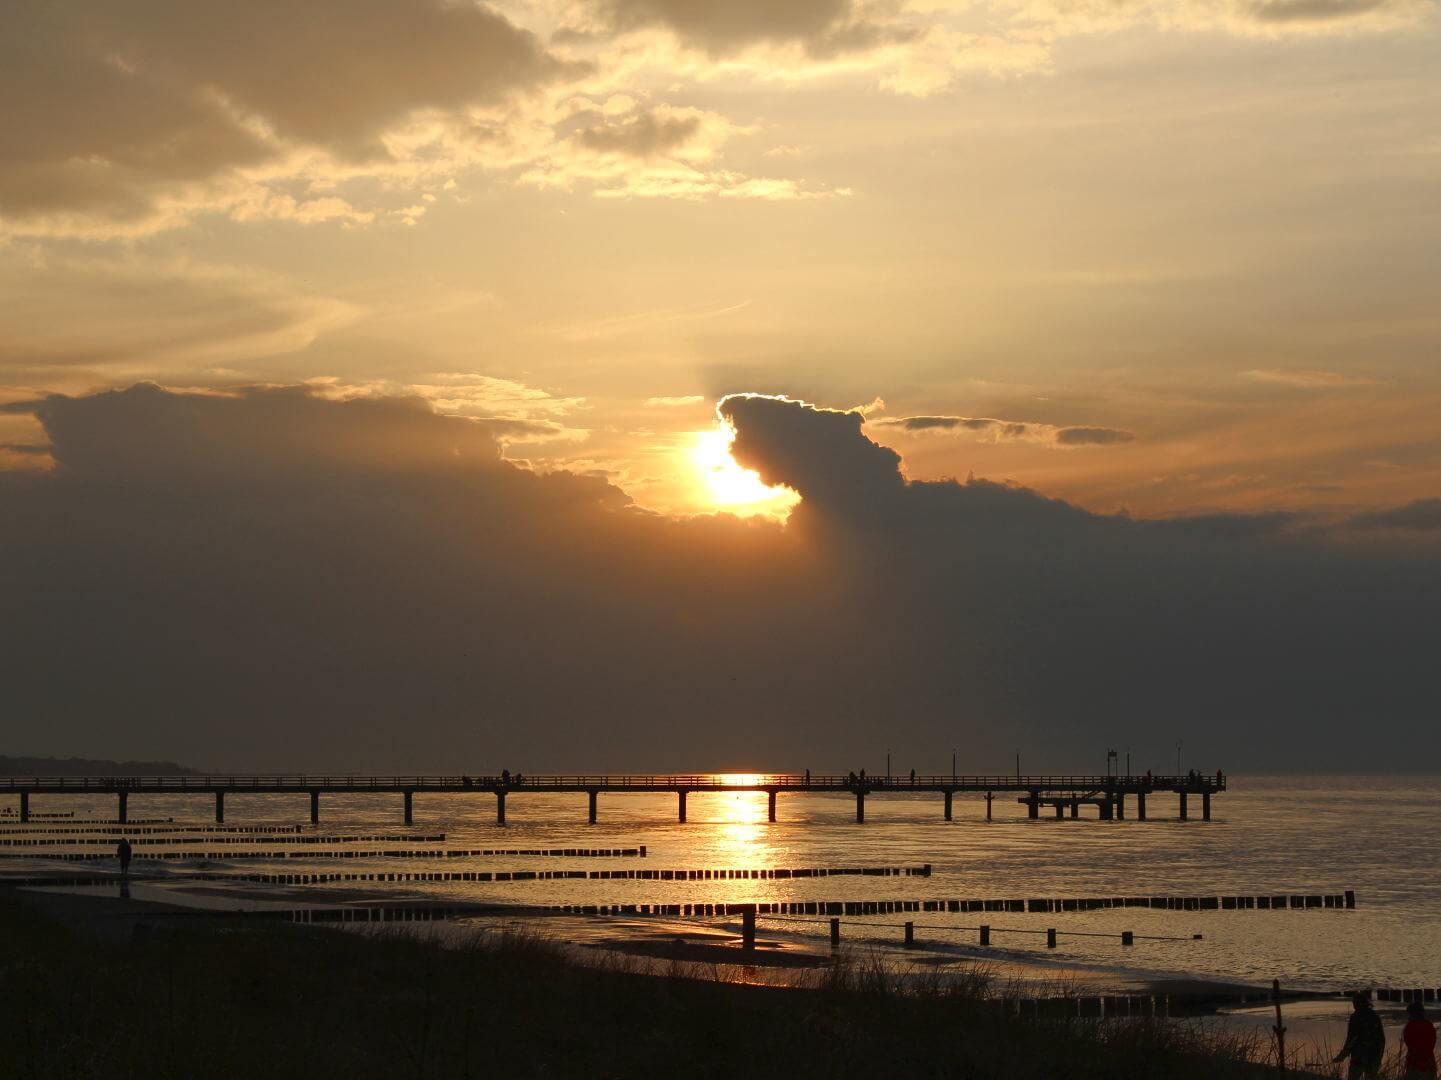 Blick von Strandpromenade auf das Meer und Seebrücke bei Sonnenuntergang